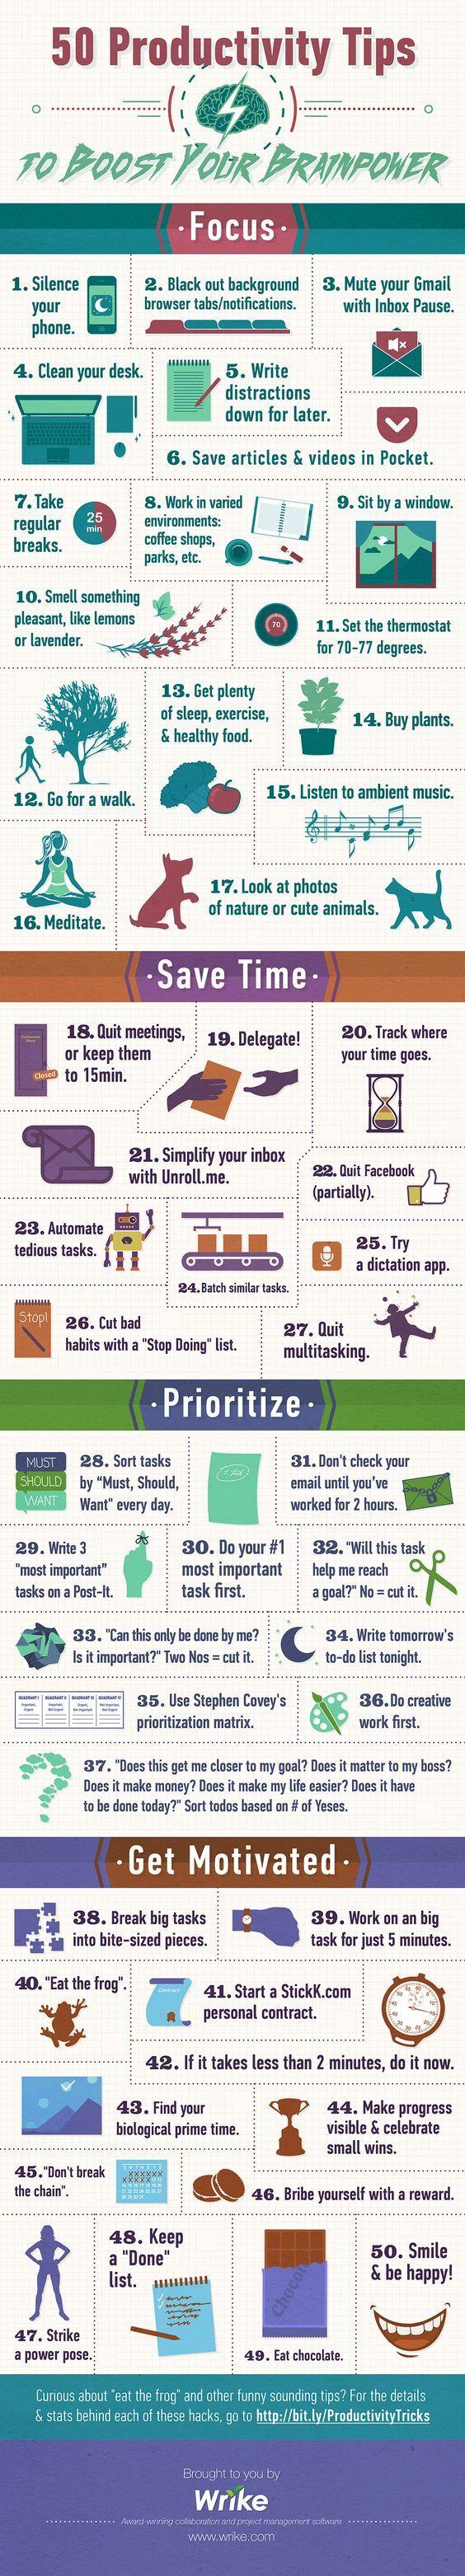 50 productivity tips